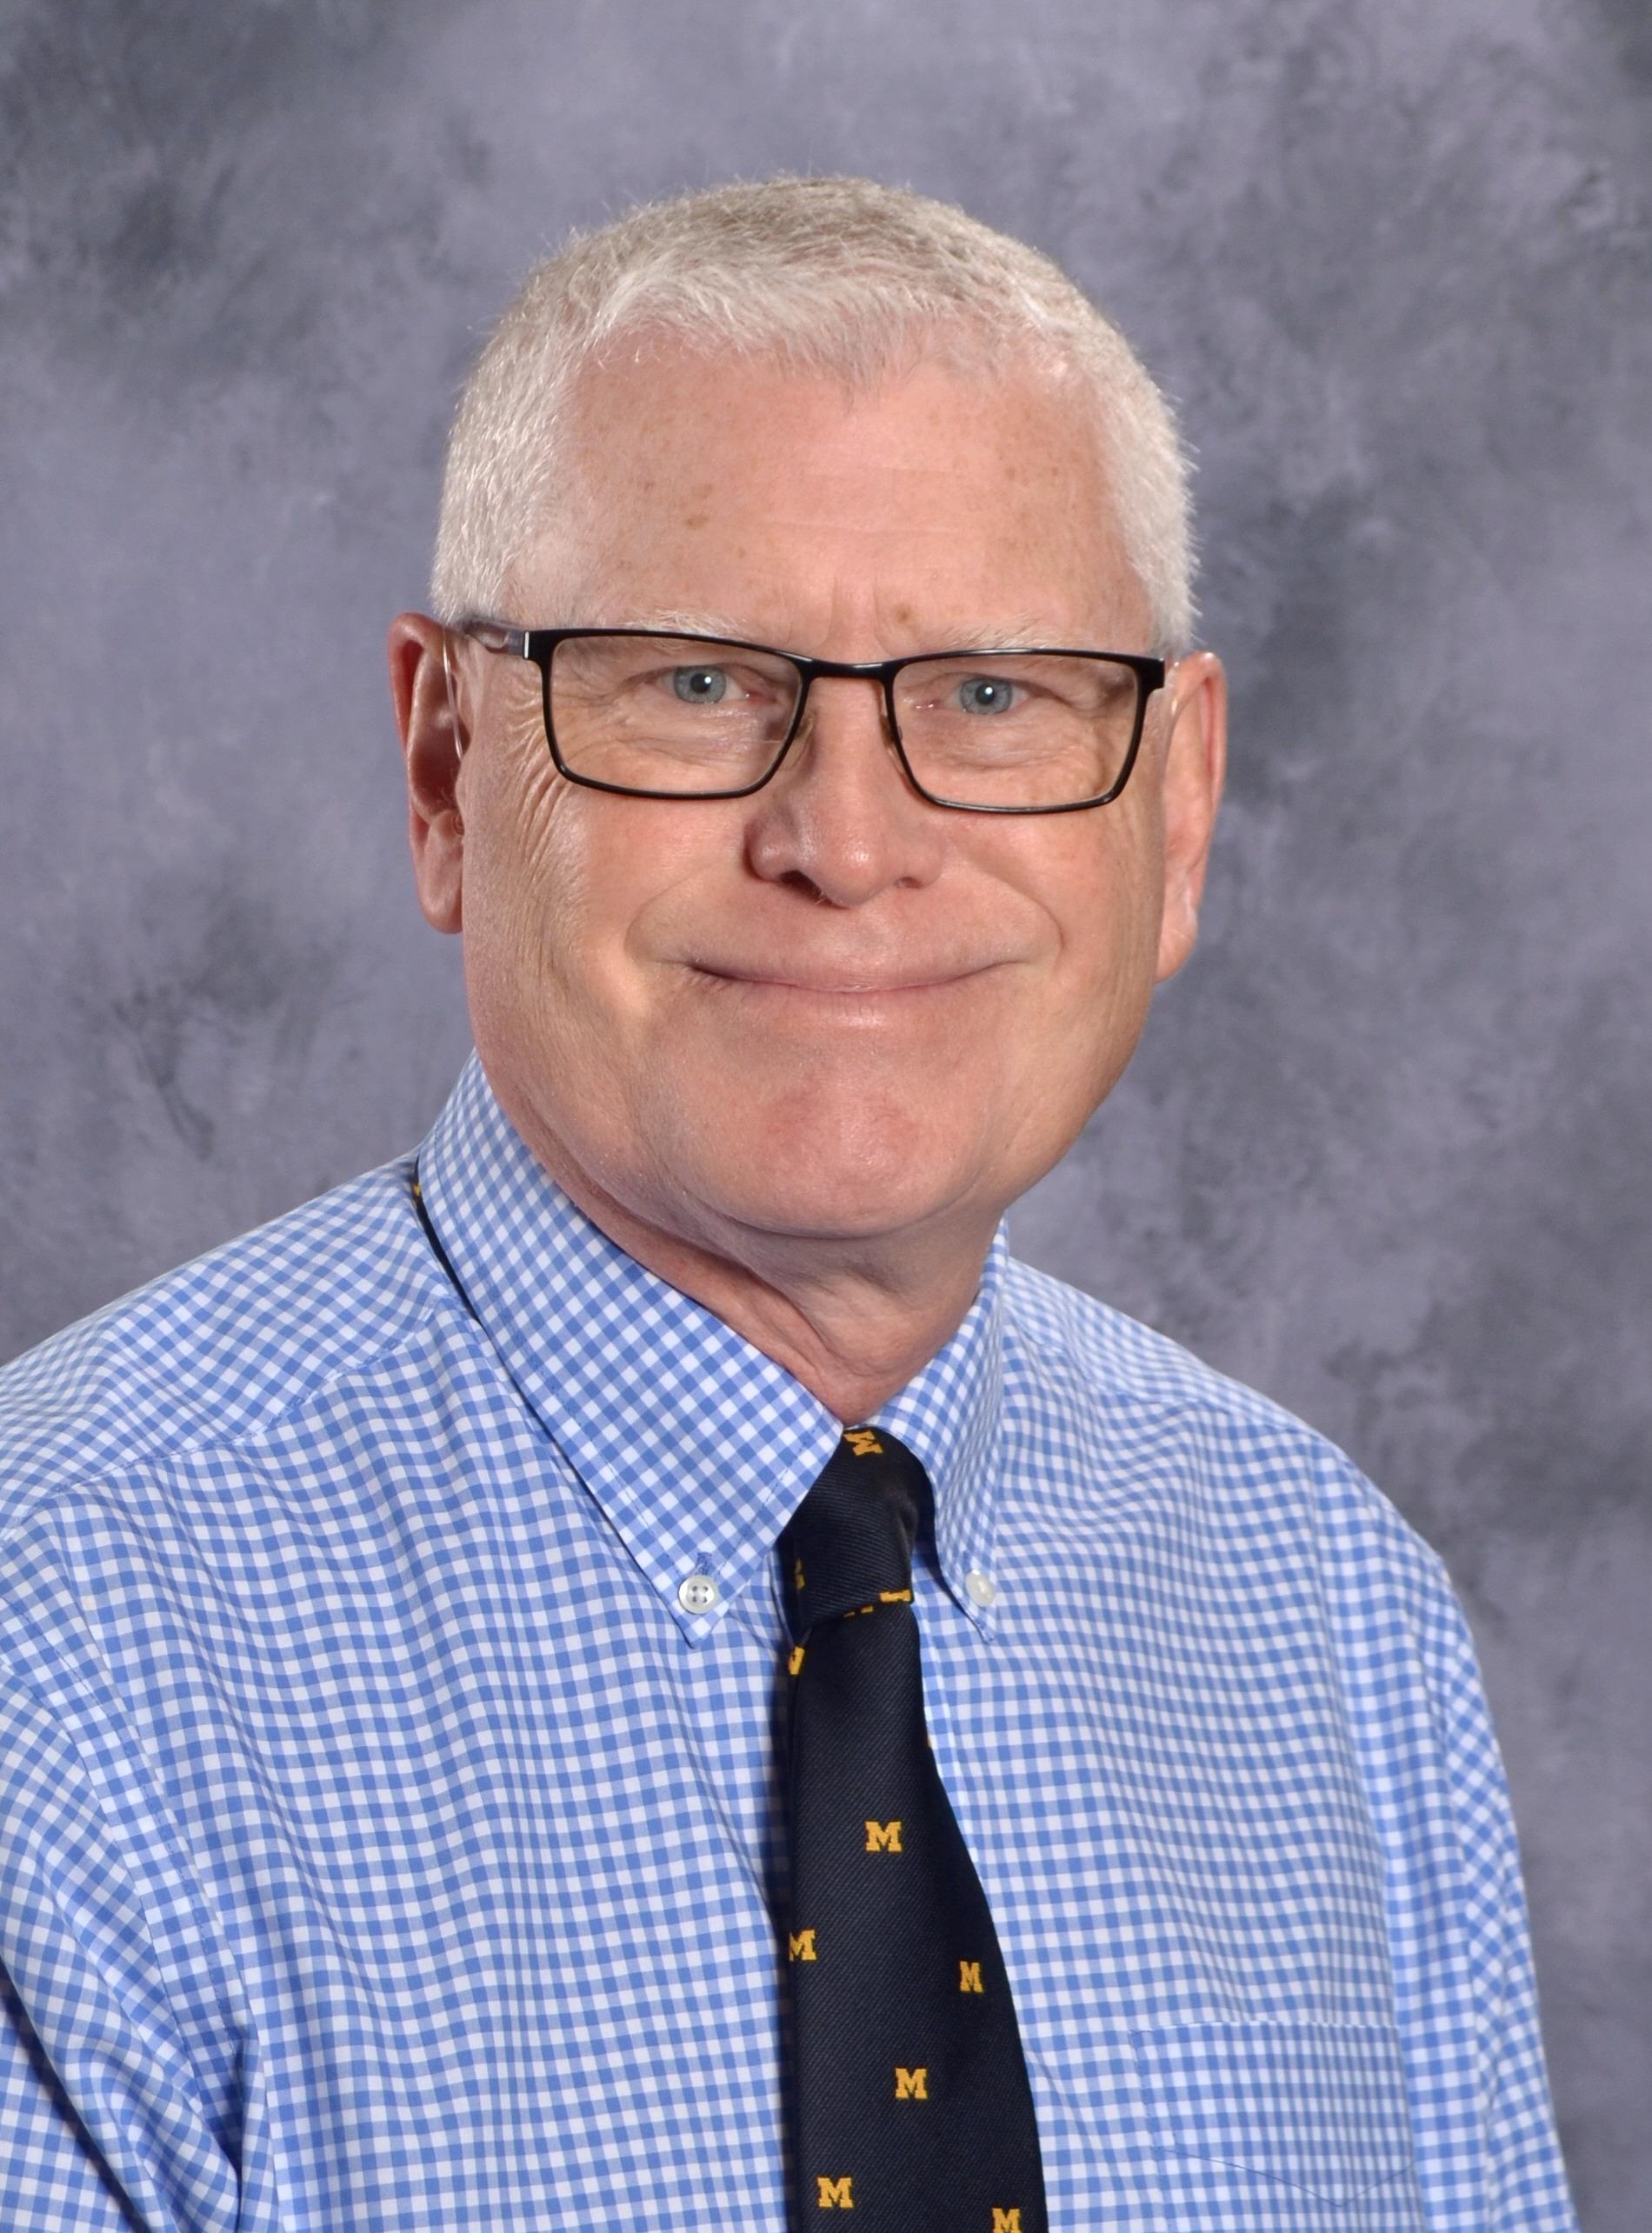 David Ledingham